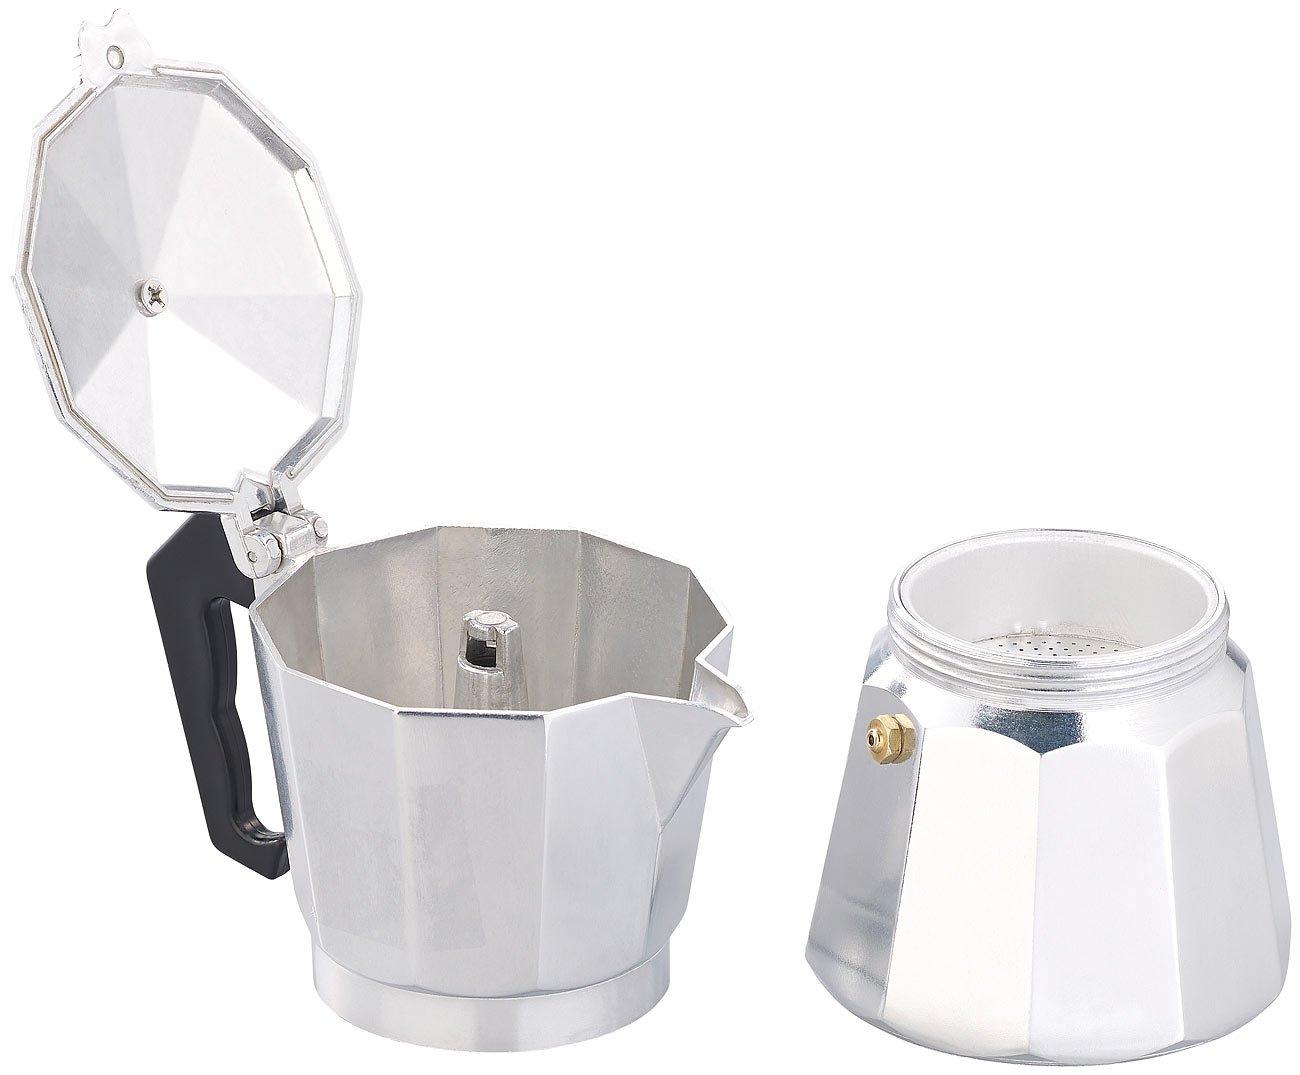 Cucina di Modena Espresso de eléctrica para 6 tazas, para Gas, Eléctrico de horno y vitrocerámica de campo: Amazon.es: Hogar